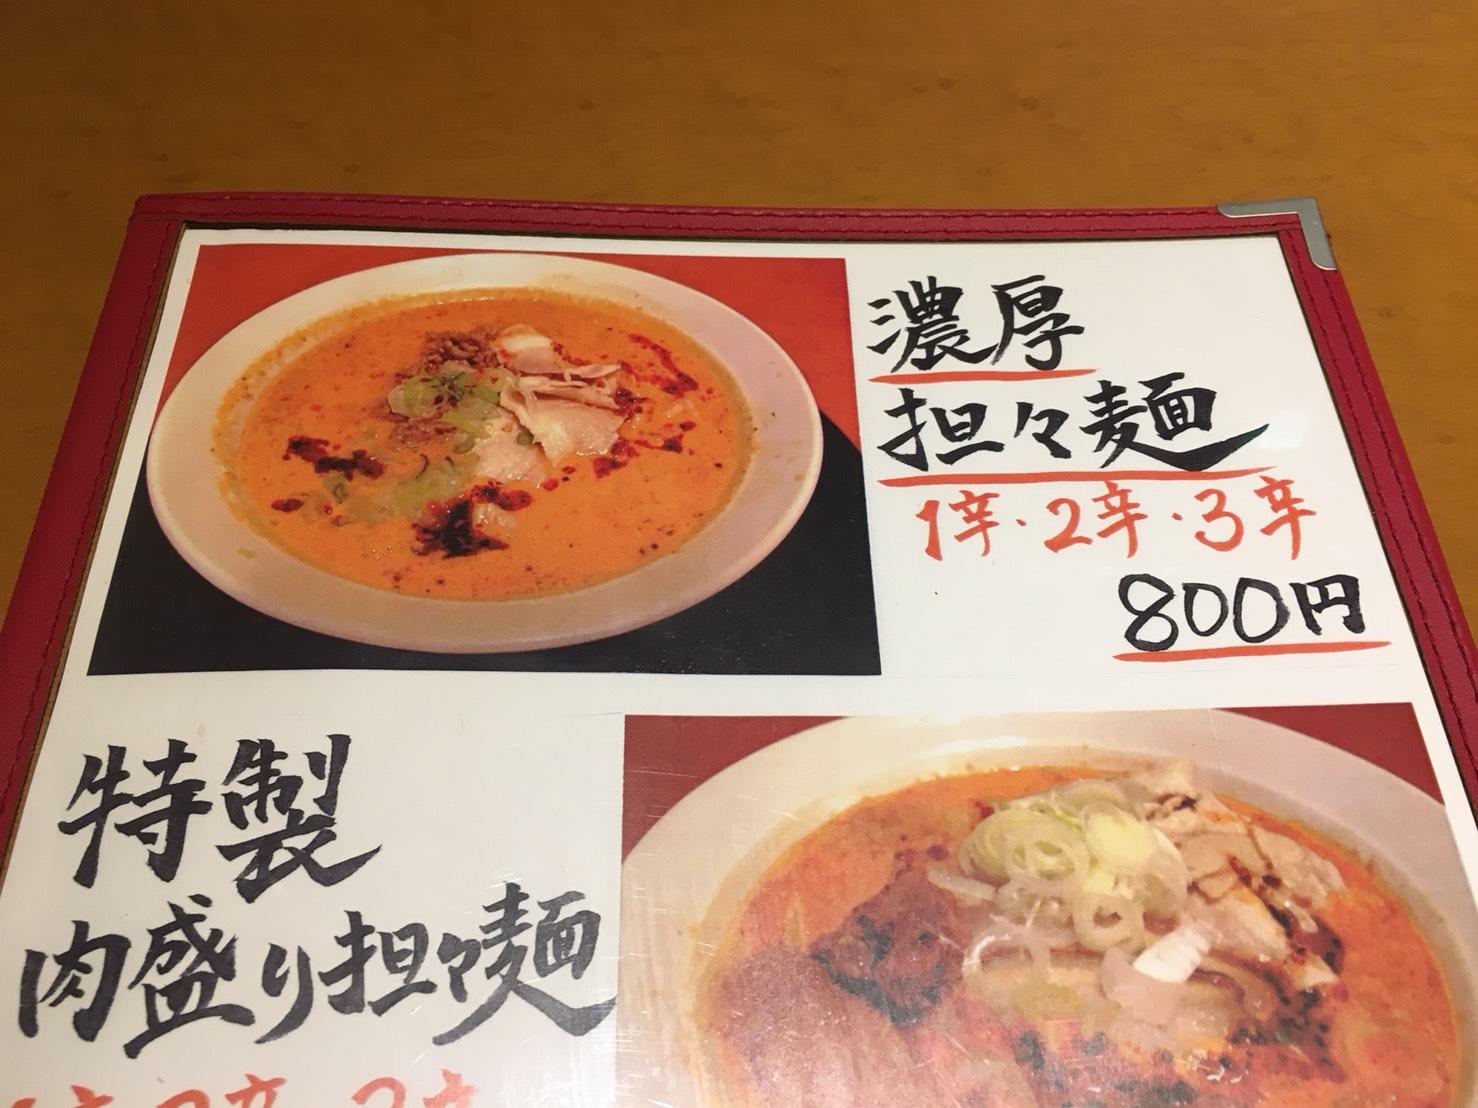 チャーハン美味〜!やさしい中華の「車 大塚本店」のメニュー2